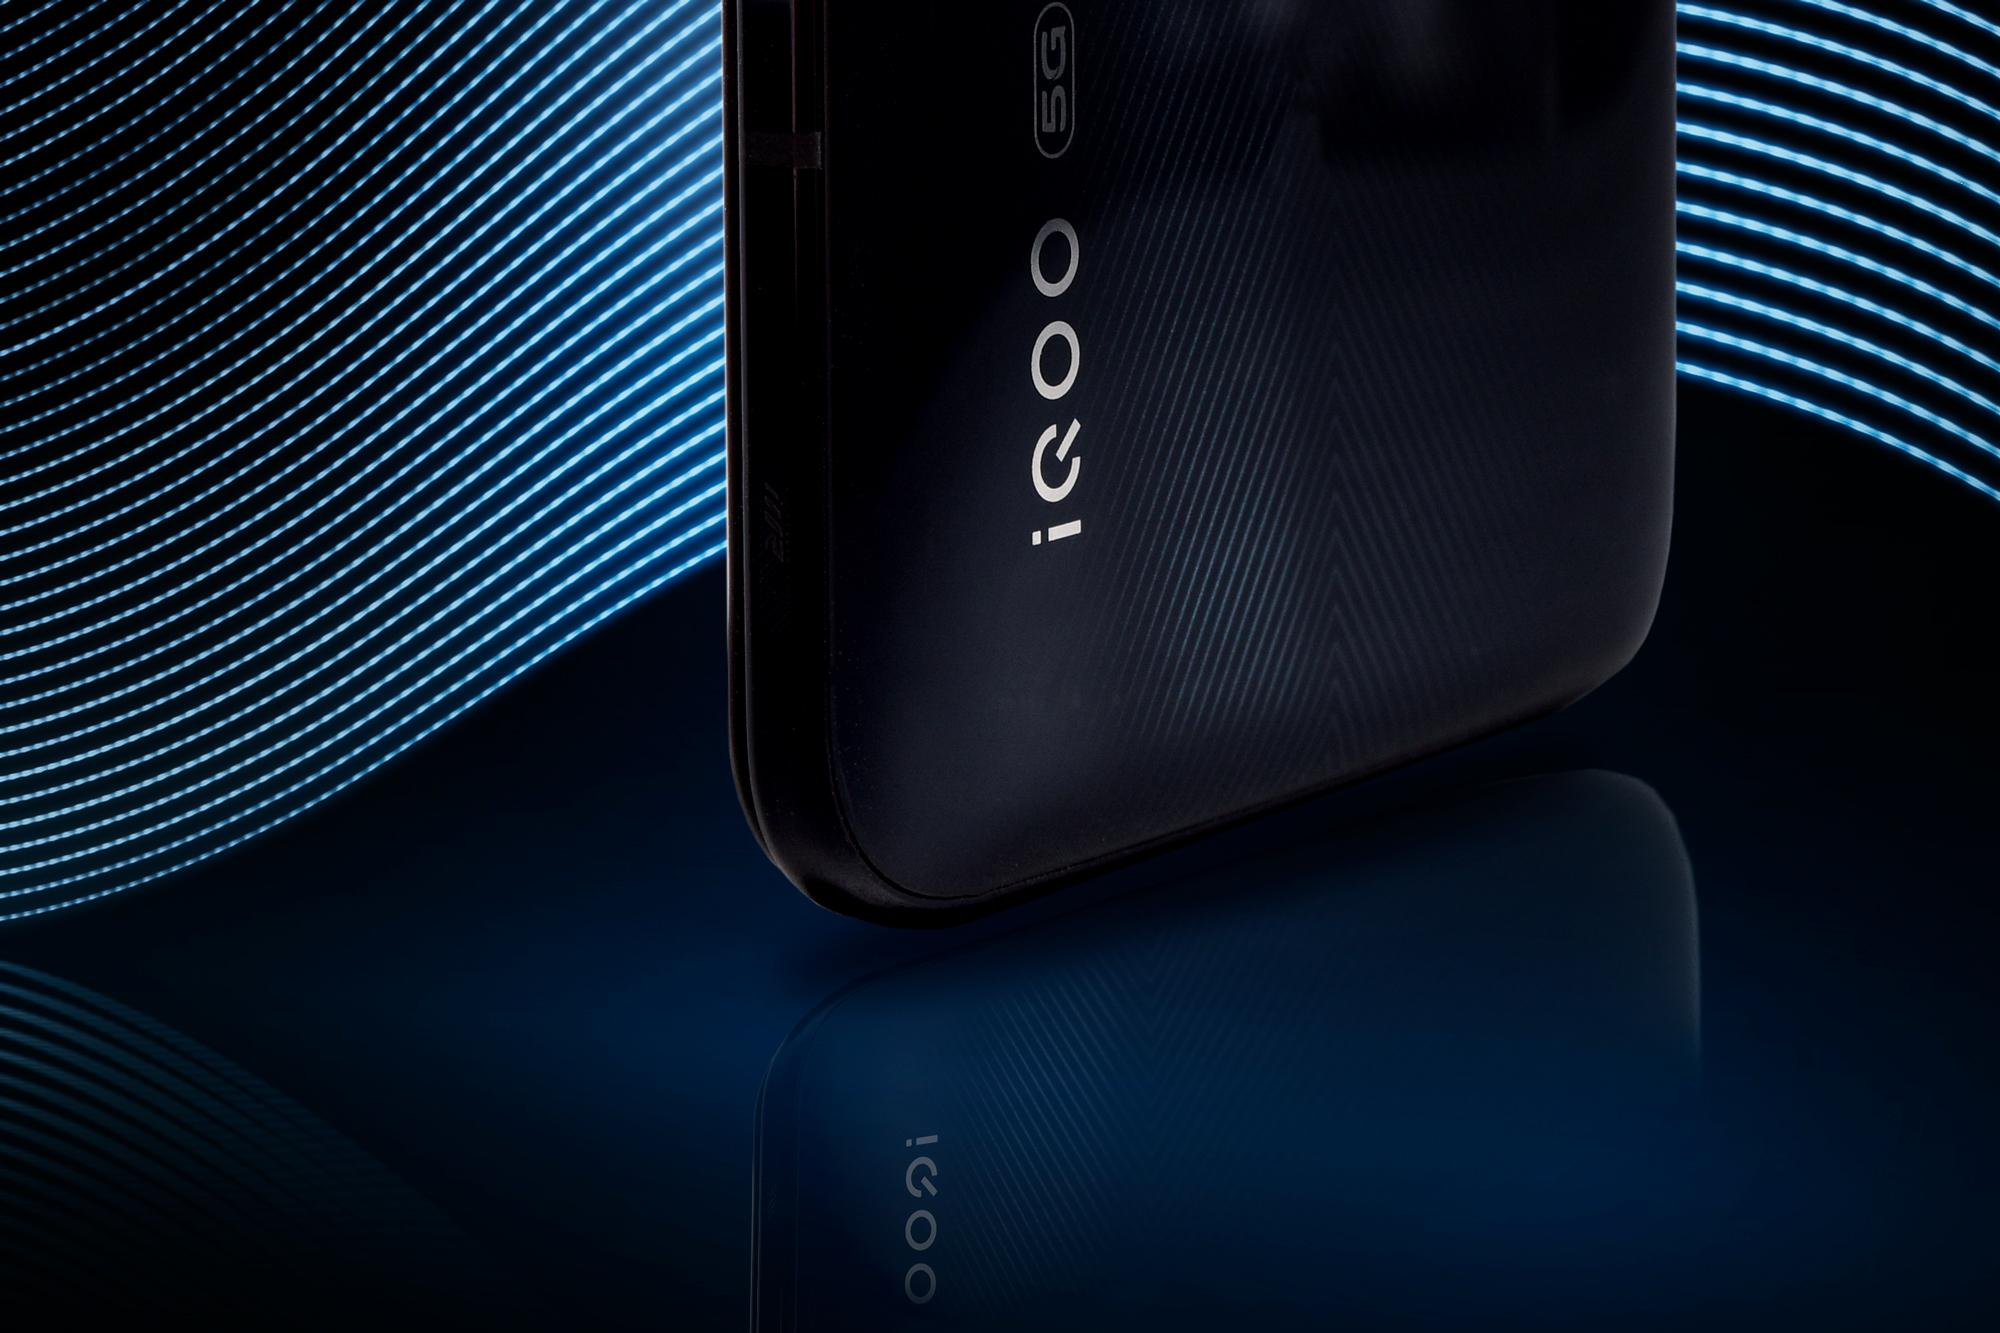 iQOO Pro 5G版图赏:来看看跑分50万的5G手机长啥样